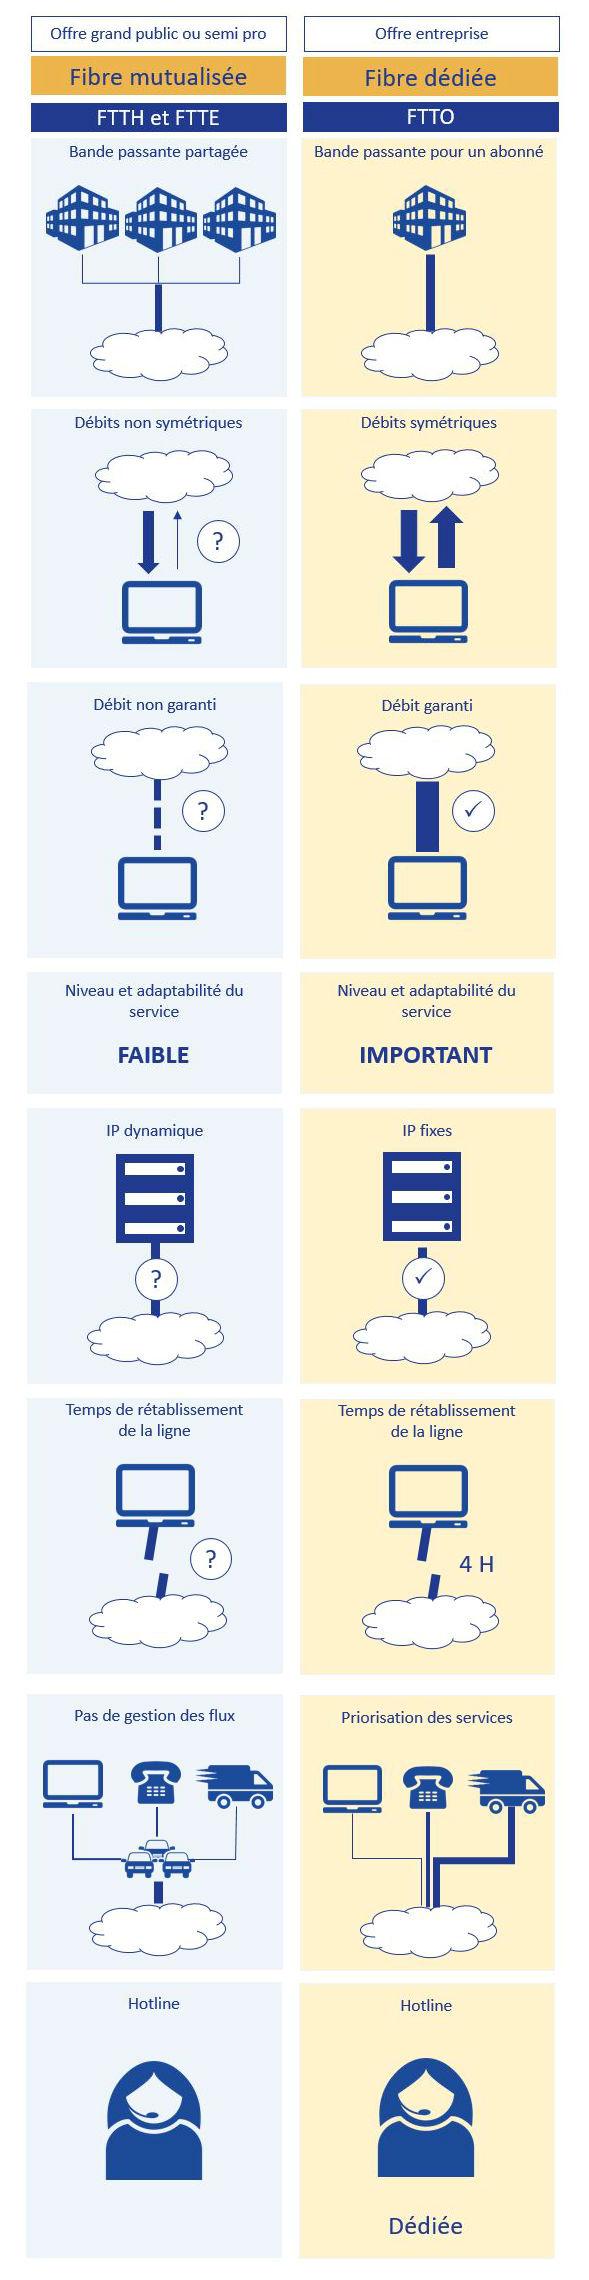 différences fibre mutualisée dédiée